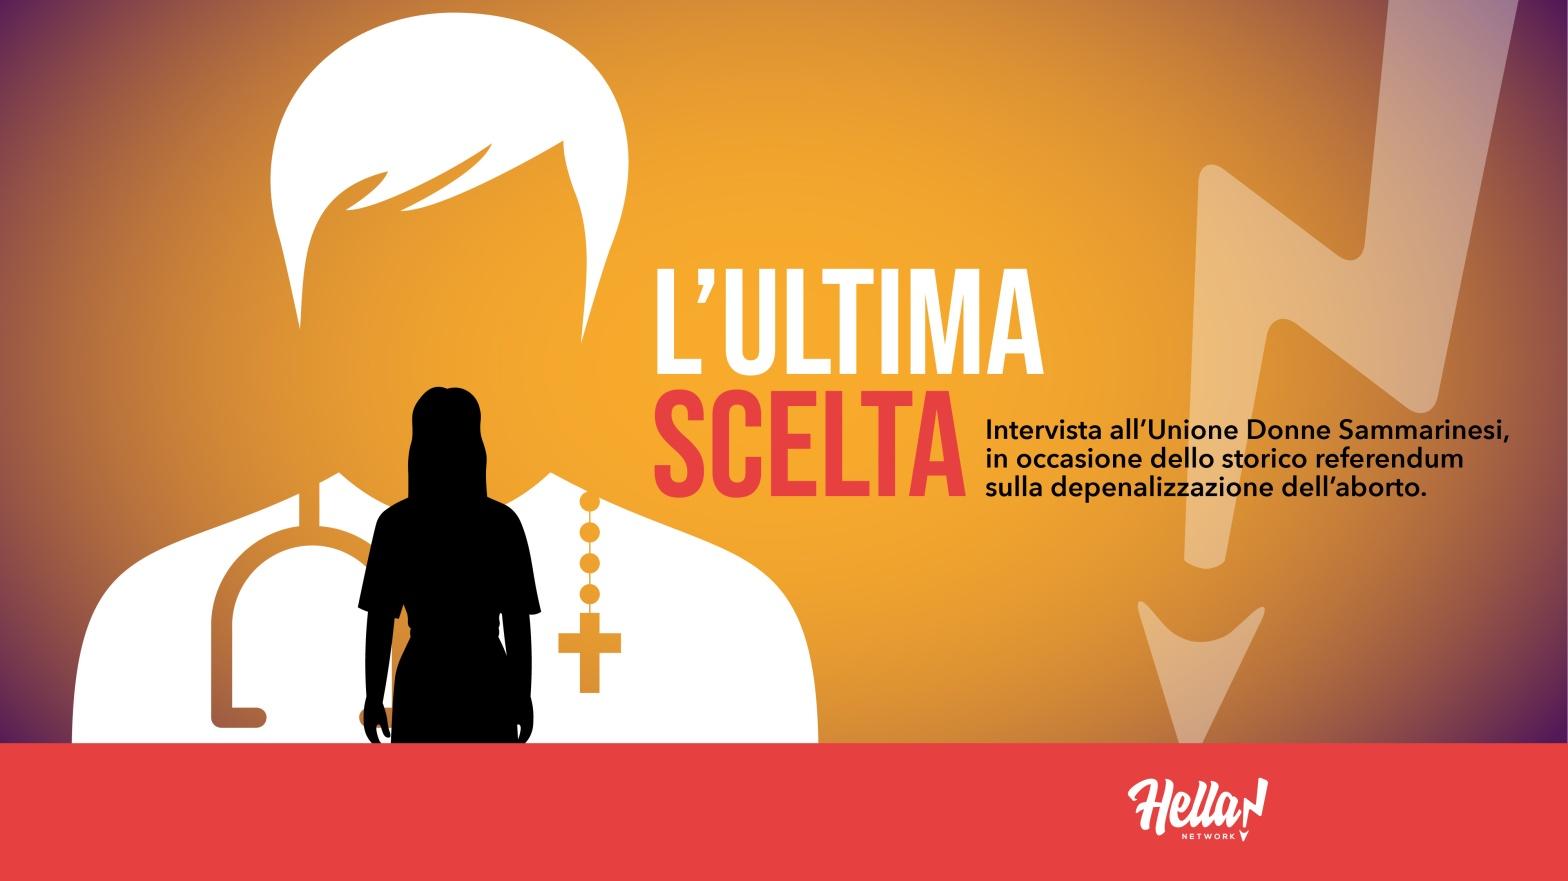 L'ultima scelta. Intervista all'Unione Donne Sammarinesi in occasione dello storico referendum sulla depenalizzazione dell'aborto.